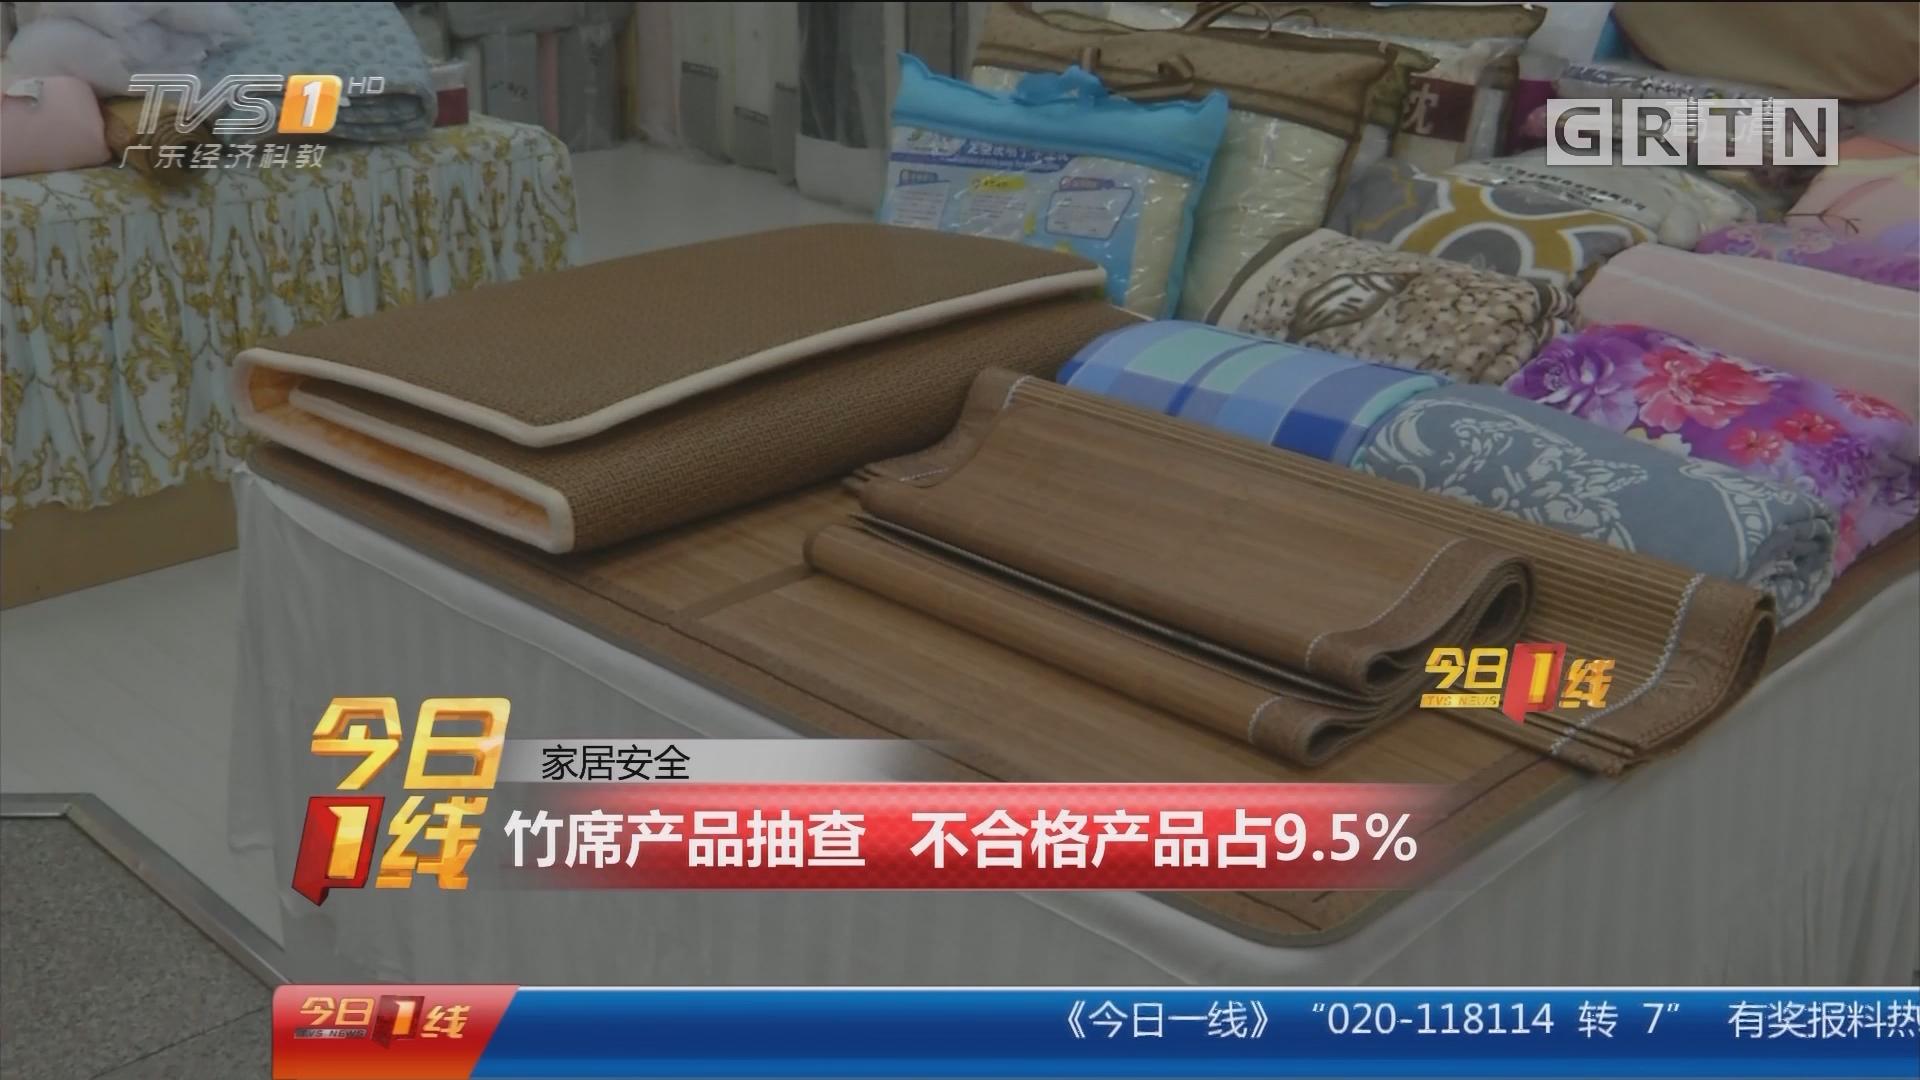 家居安全:竹席产品抽查 不合格产品占9.5%